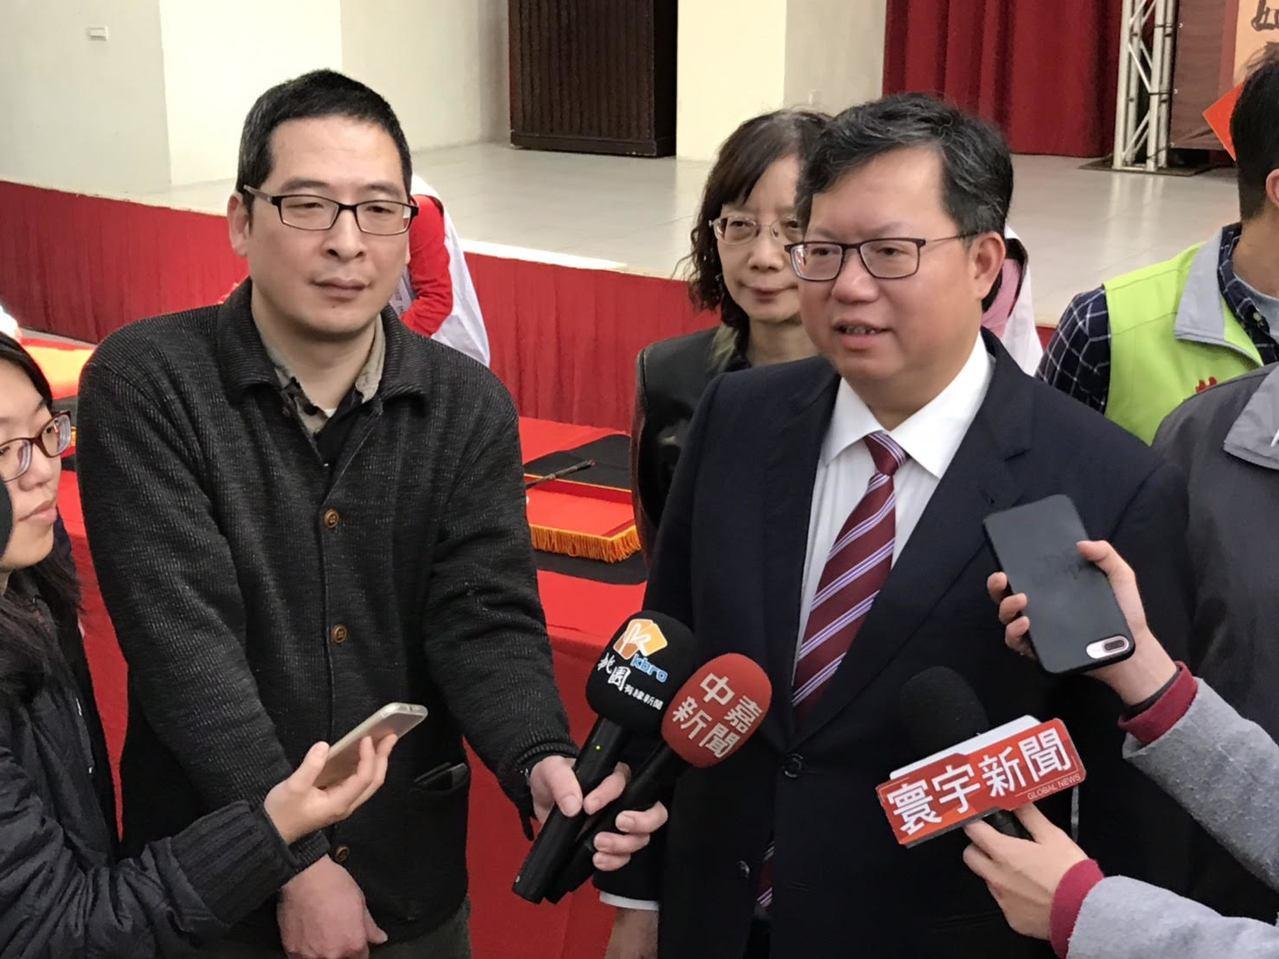 台北市長柯文哲昨晚上節目「年代向錢看」專訪又被問到白綠合作,向民進黨喊話「戰犯先...